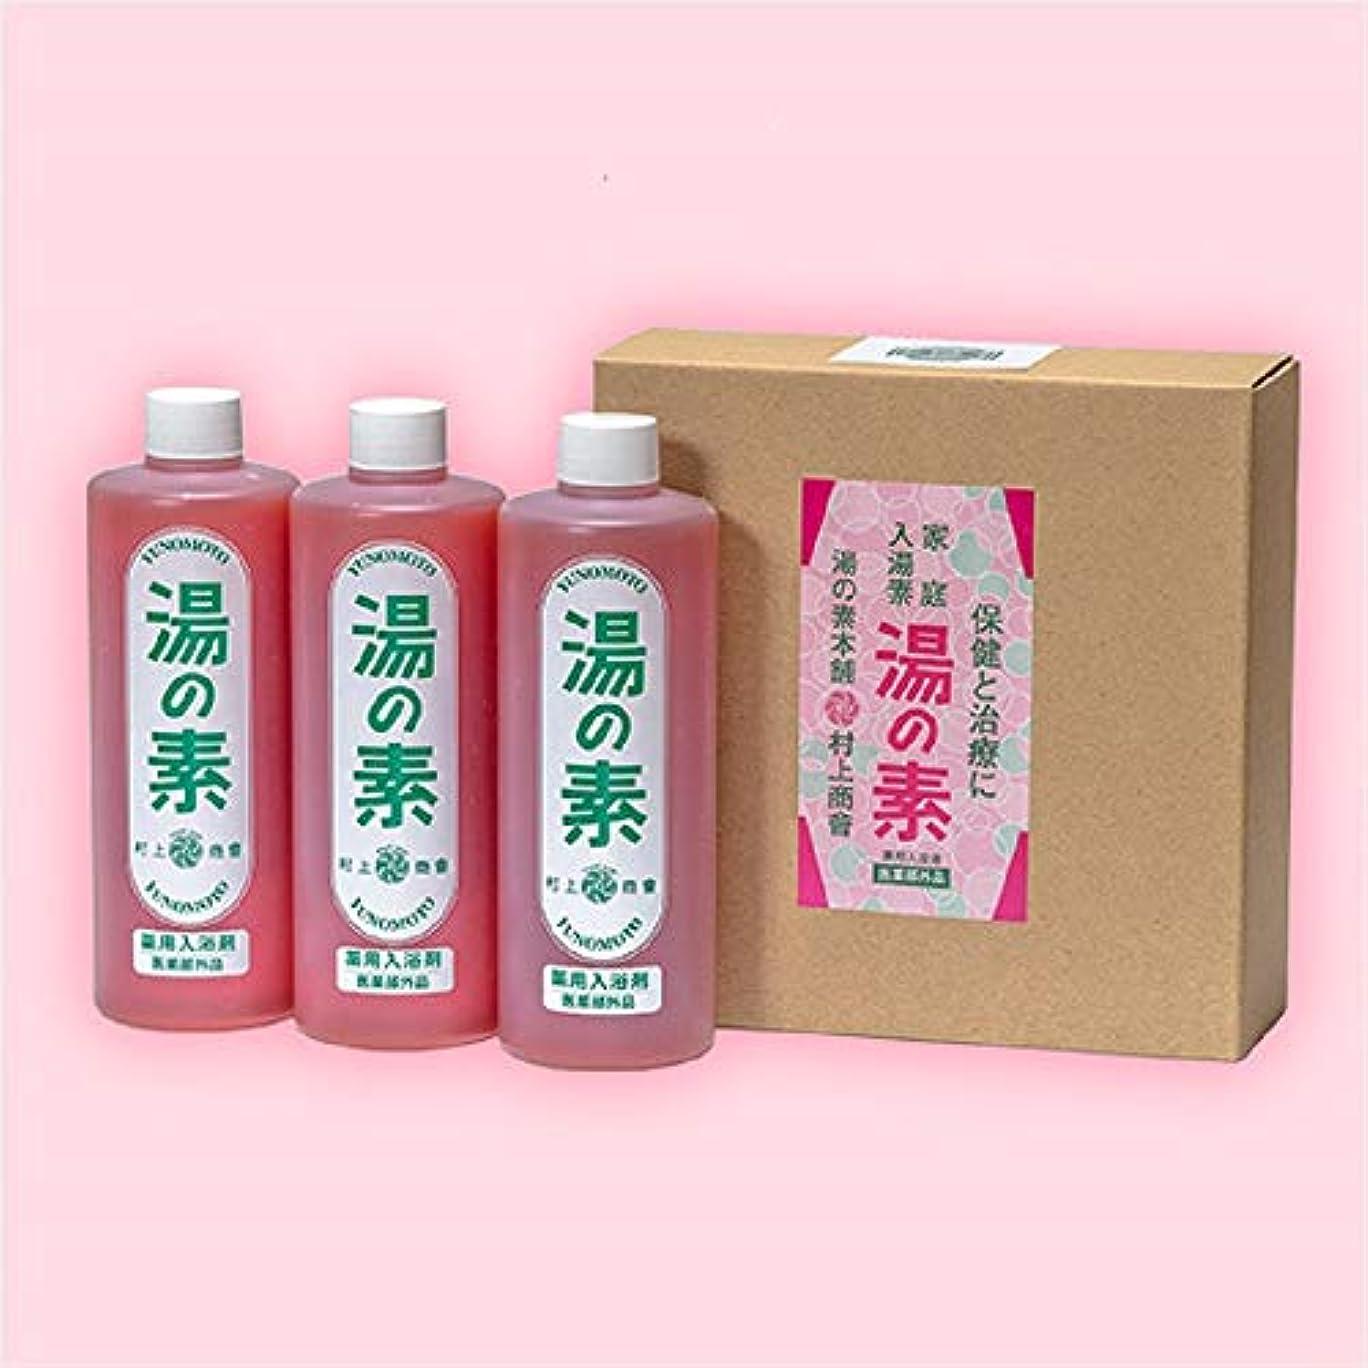 薬用入浴剤 湯の素 [医薬部外品] 490g(約50回分) 3本セット